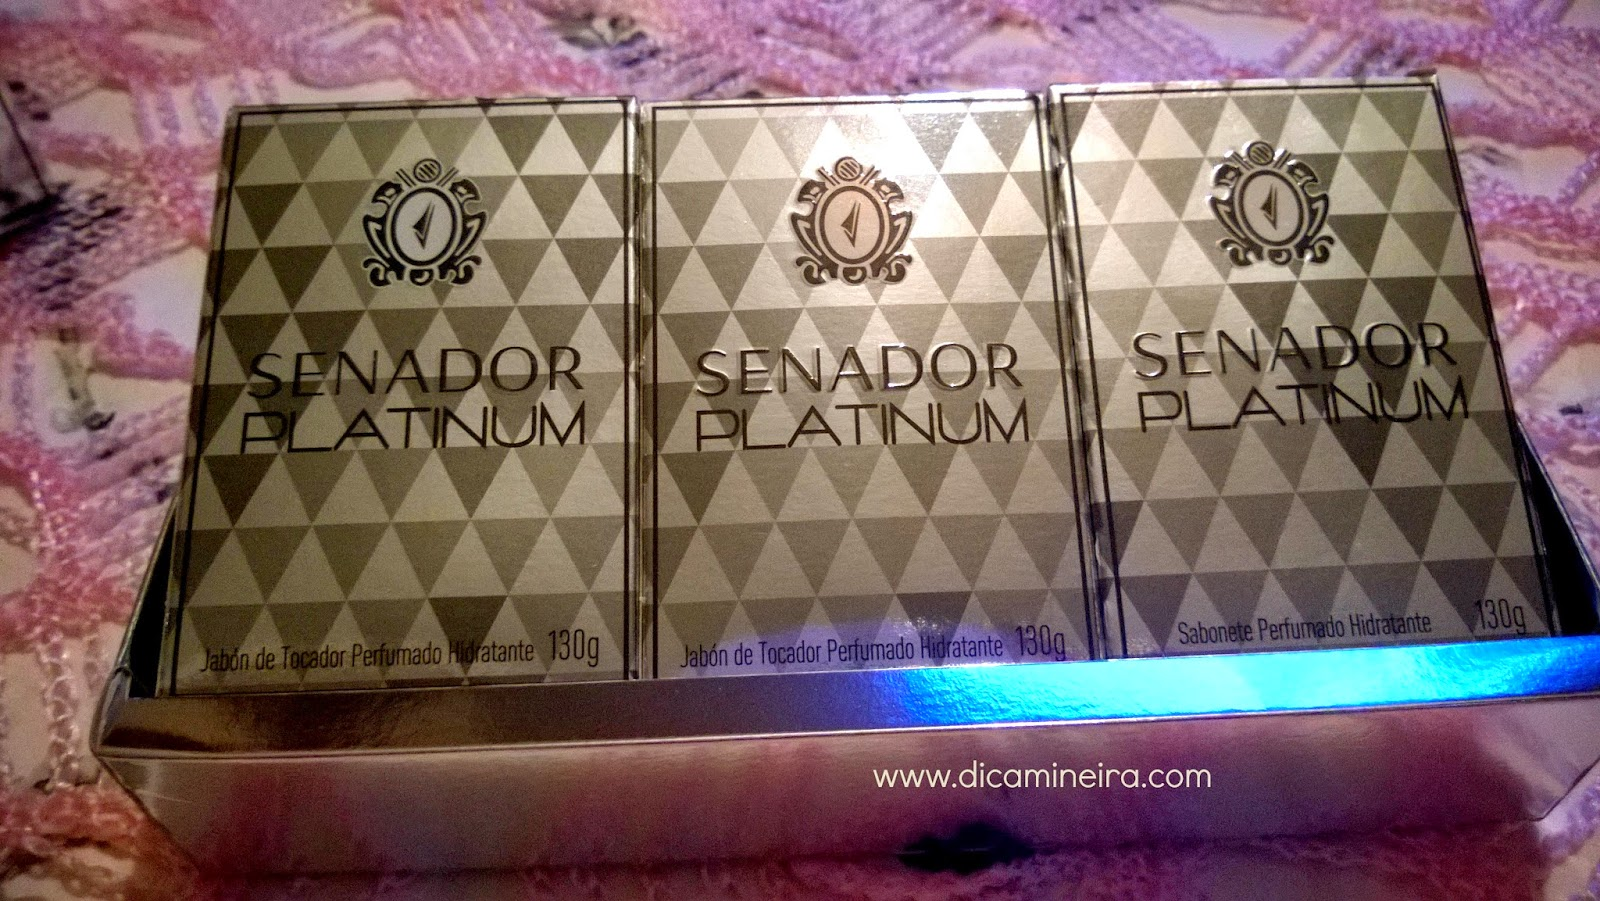 Senador Platinum | Sabonete Perfumado Hidratante